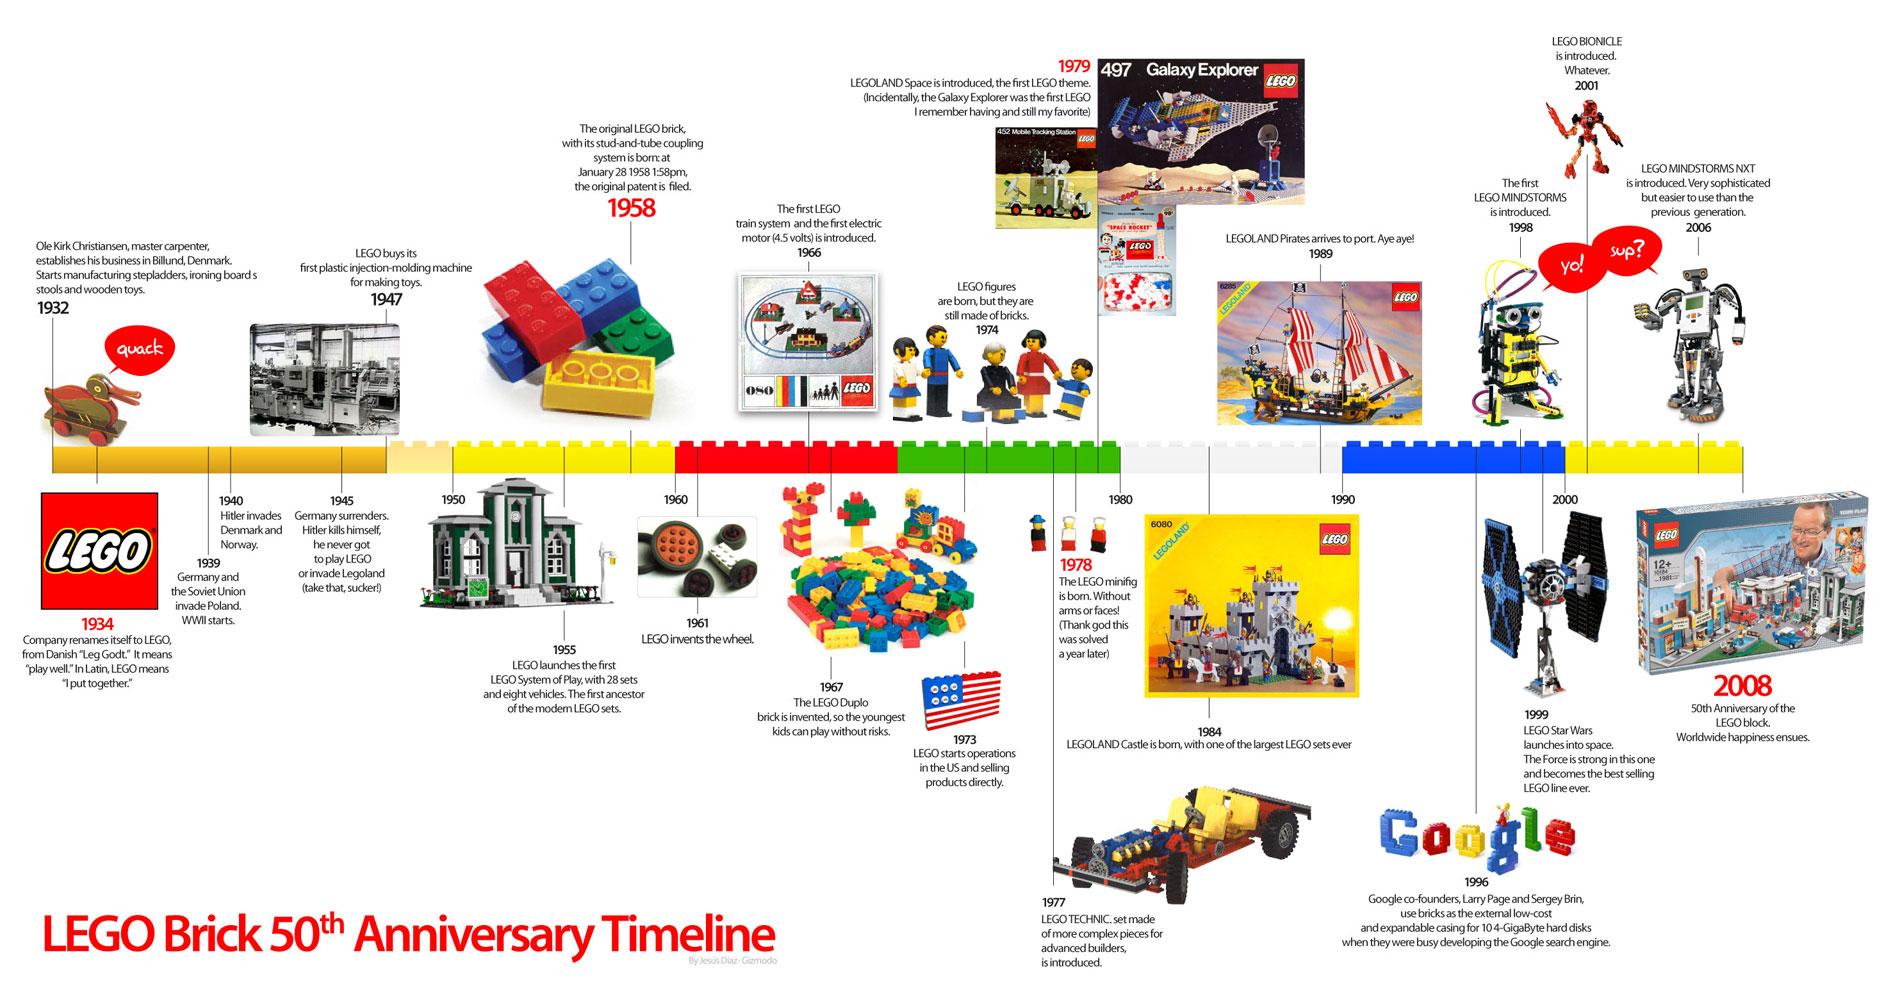 LEGO History Timeline